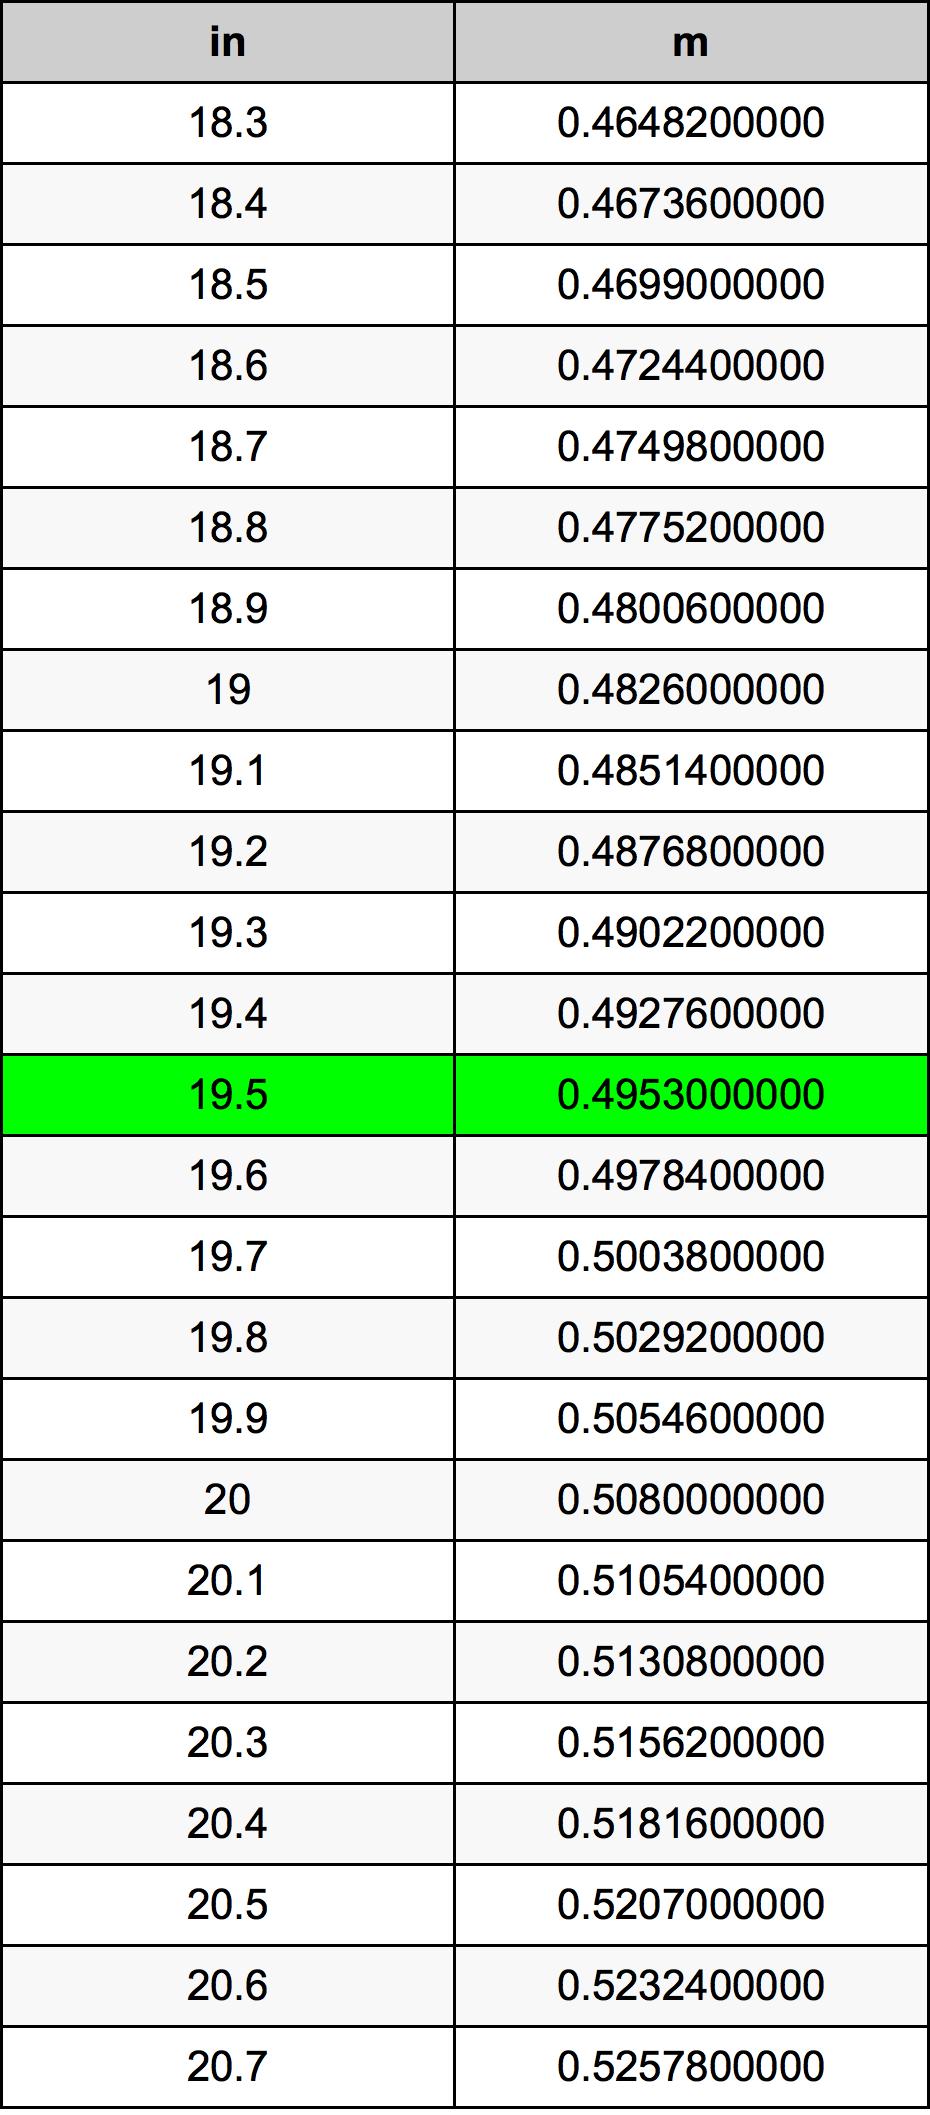 19.5 Pulzier konverżjoni tabella